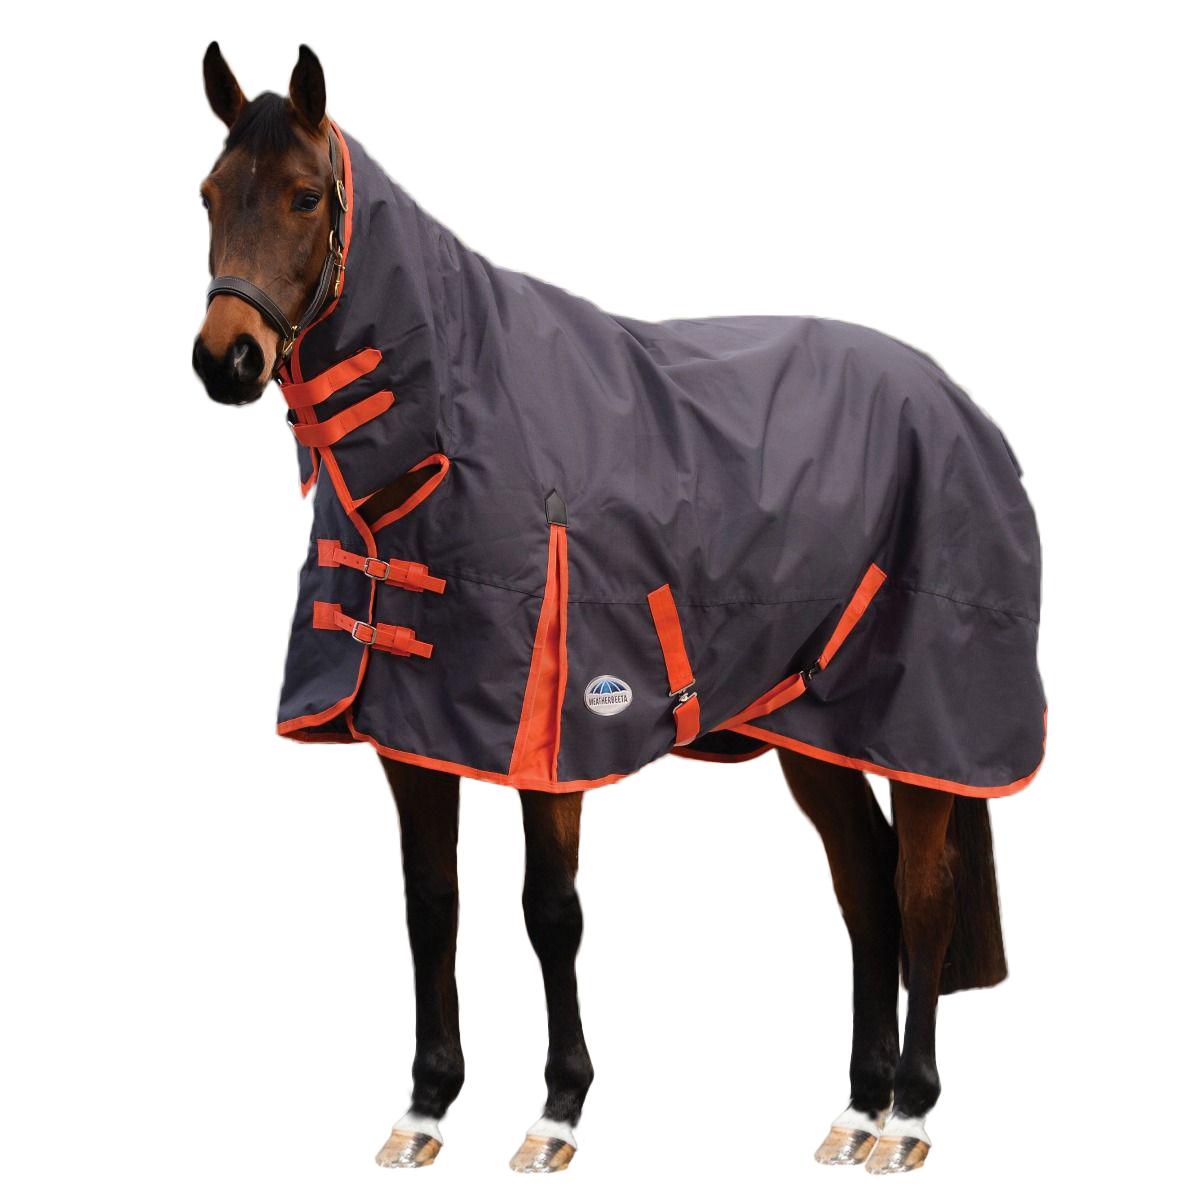 (ウェザビータ) Weatherbeeta 馬用 Comfitec エッセンシャル コンボネック ヘビー ターンアウトラグ 馬着 乗馬 ホースライディング 【海外直送】